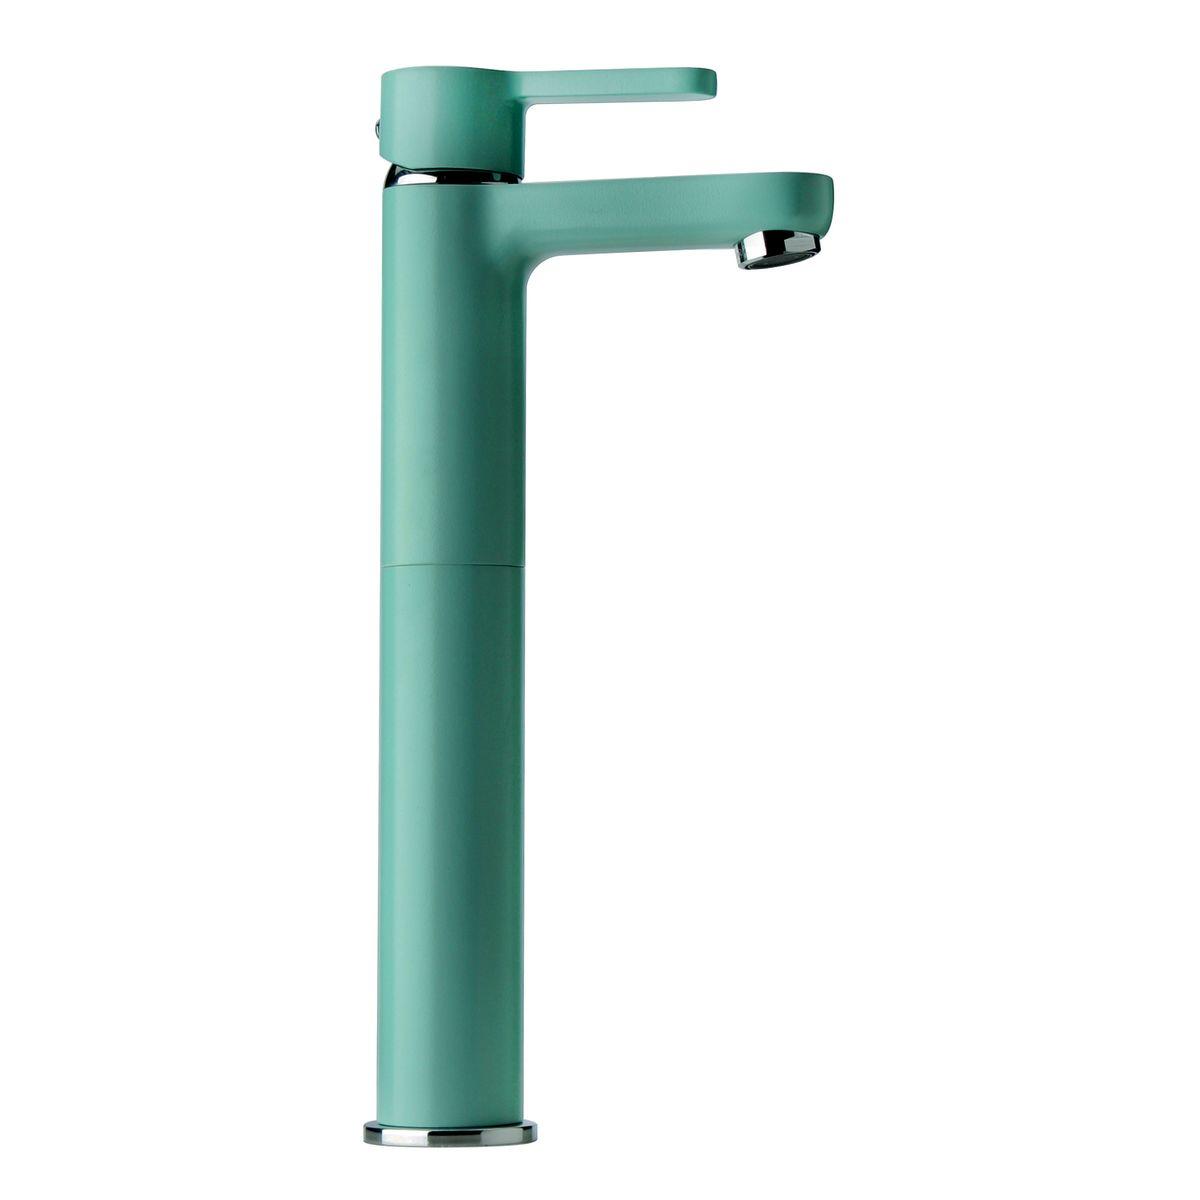 Miscelatore lavabo alto colors blu atollo prezzi e for Tralicci leroy merlin